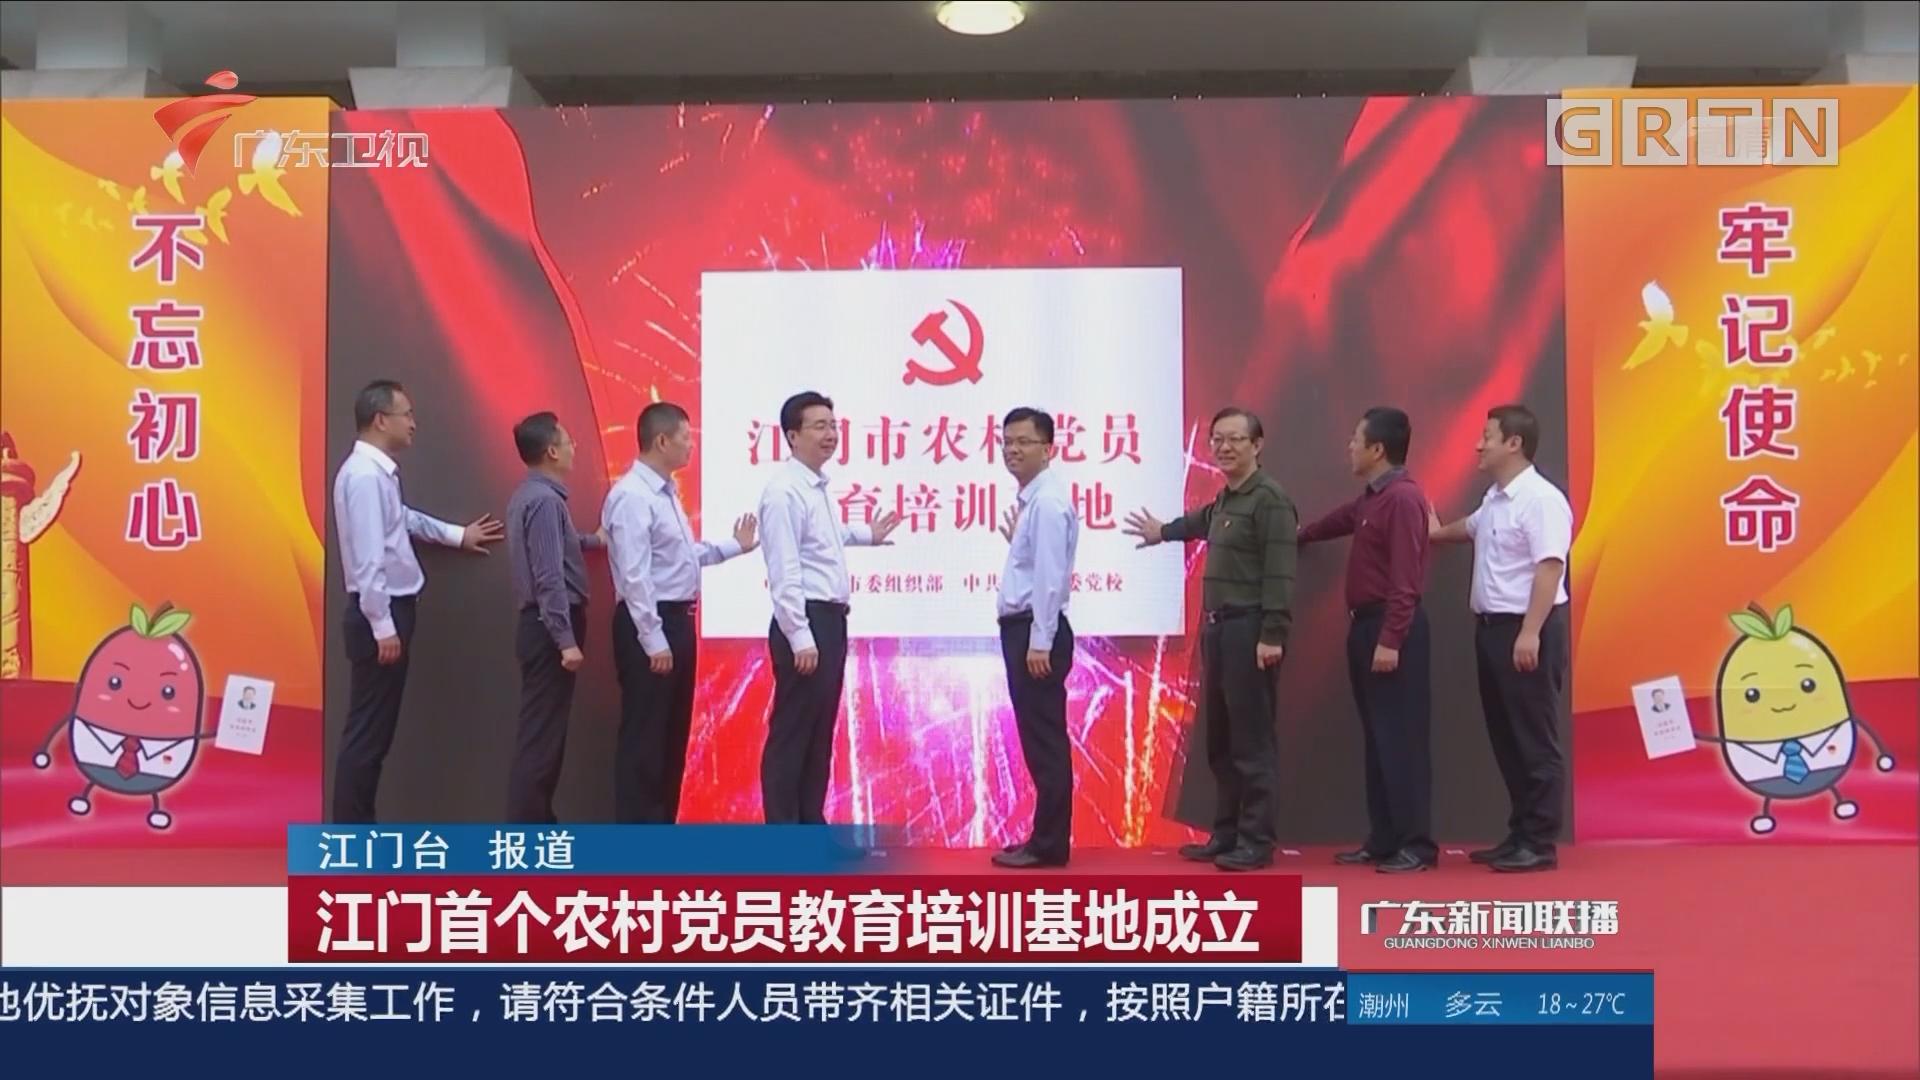 江门首个农村党员教育培训基地成立